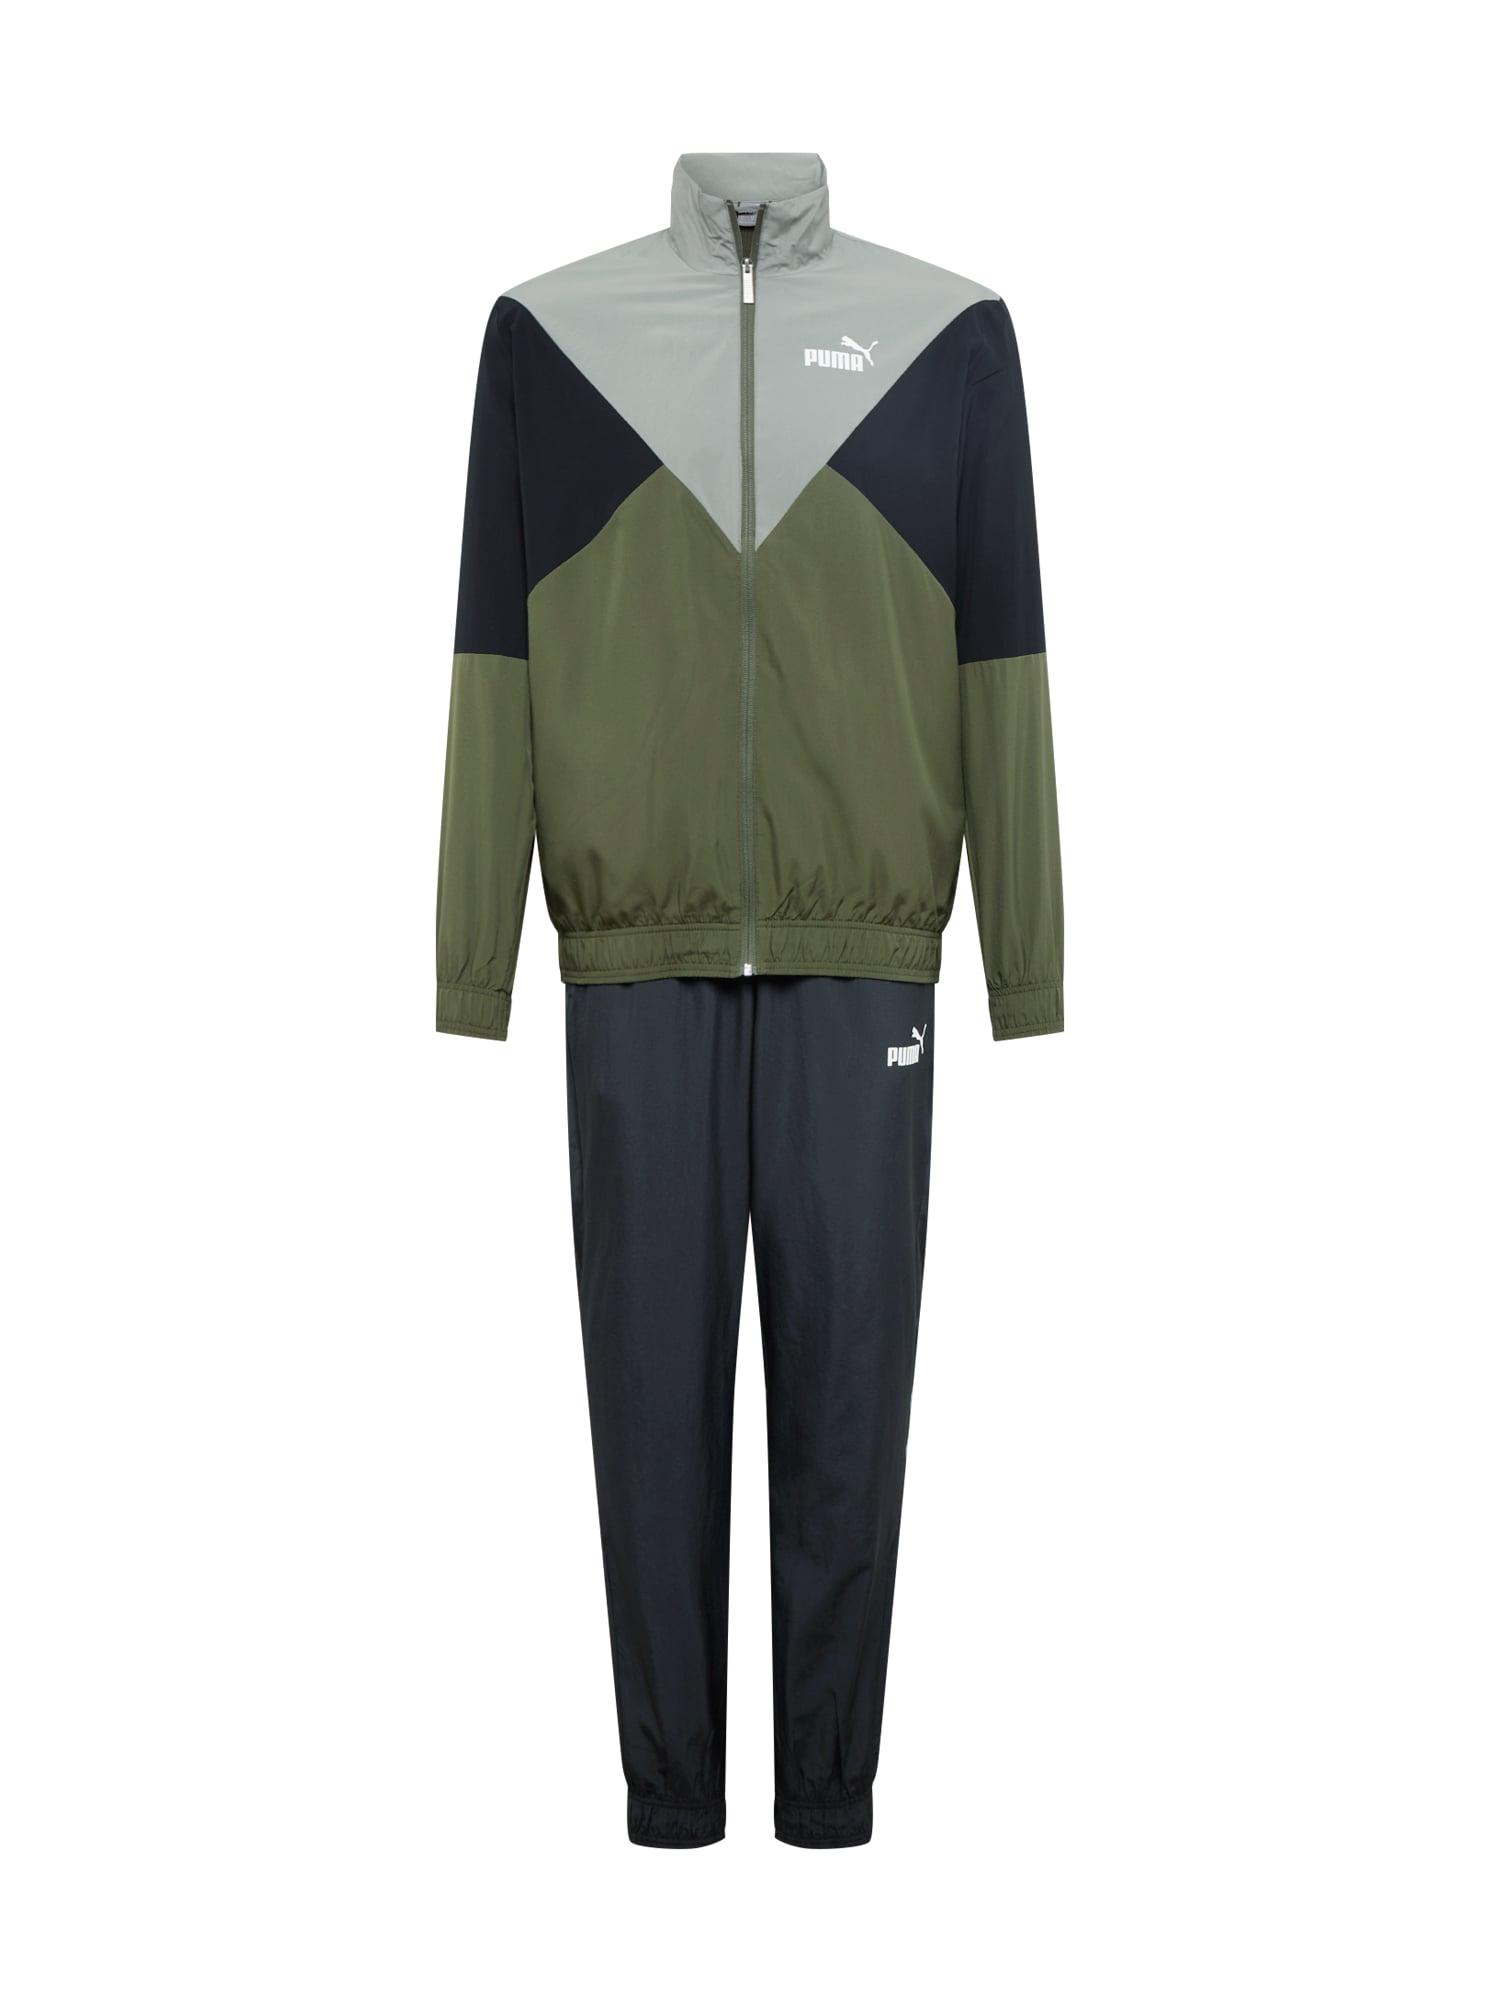 PUMA Treniruočių kostiumas tamsiai žalia / pilka / juoda